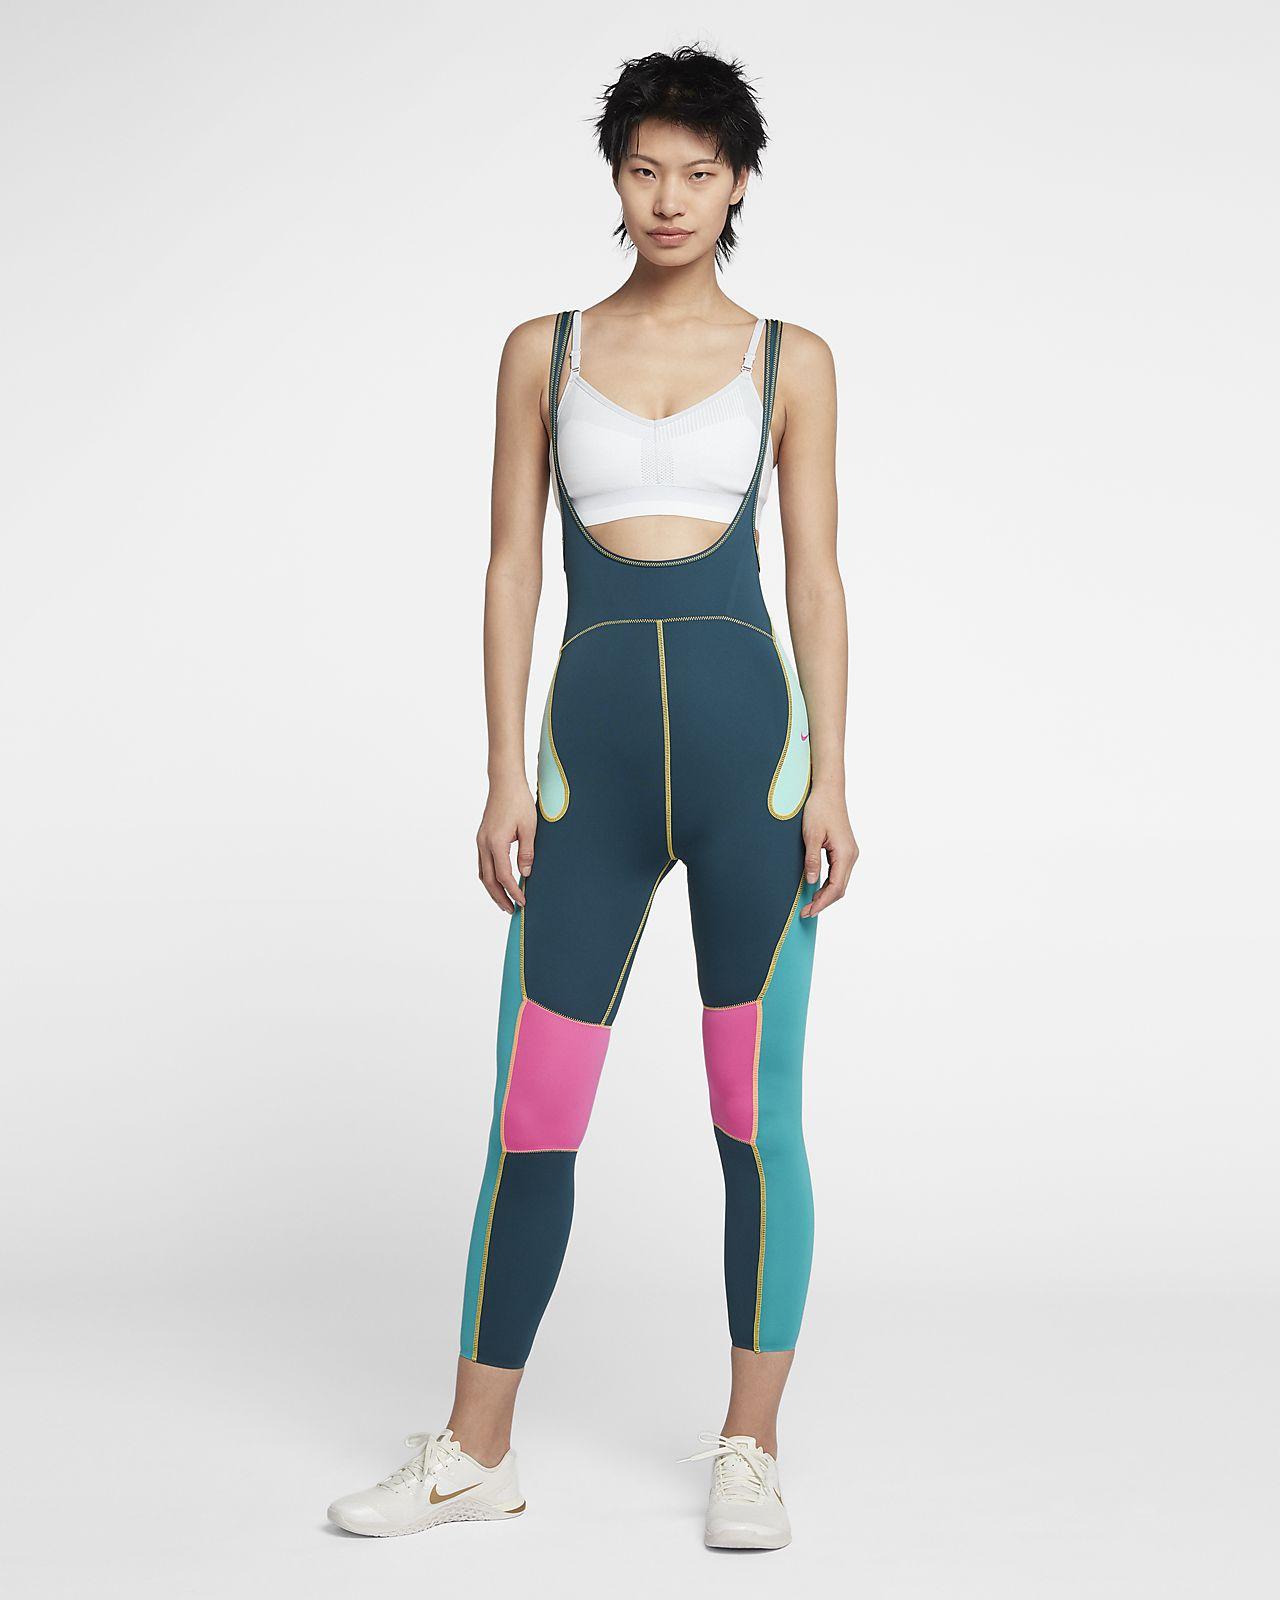 Nike 女子训练紧身裤